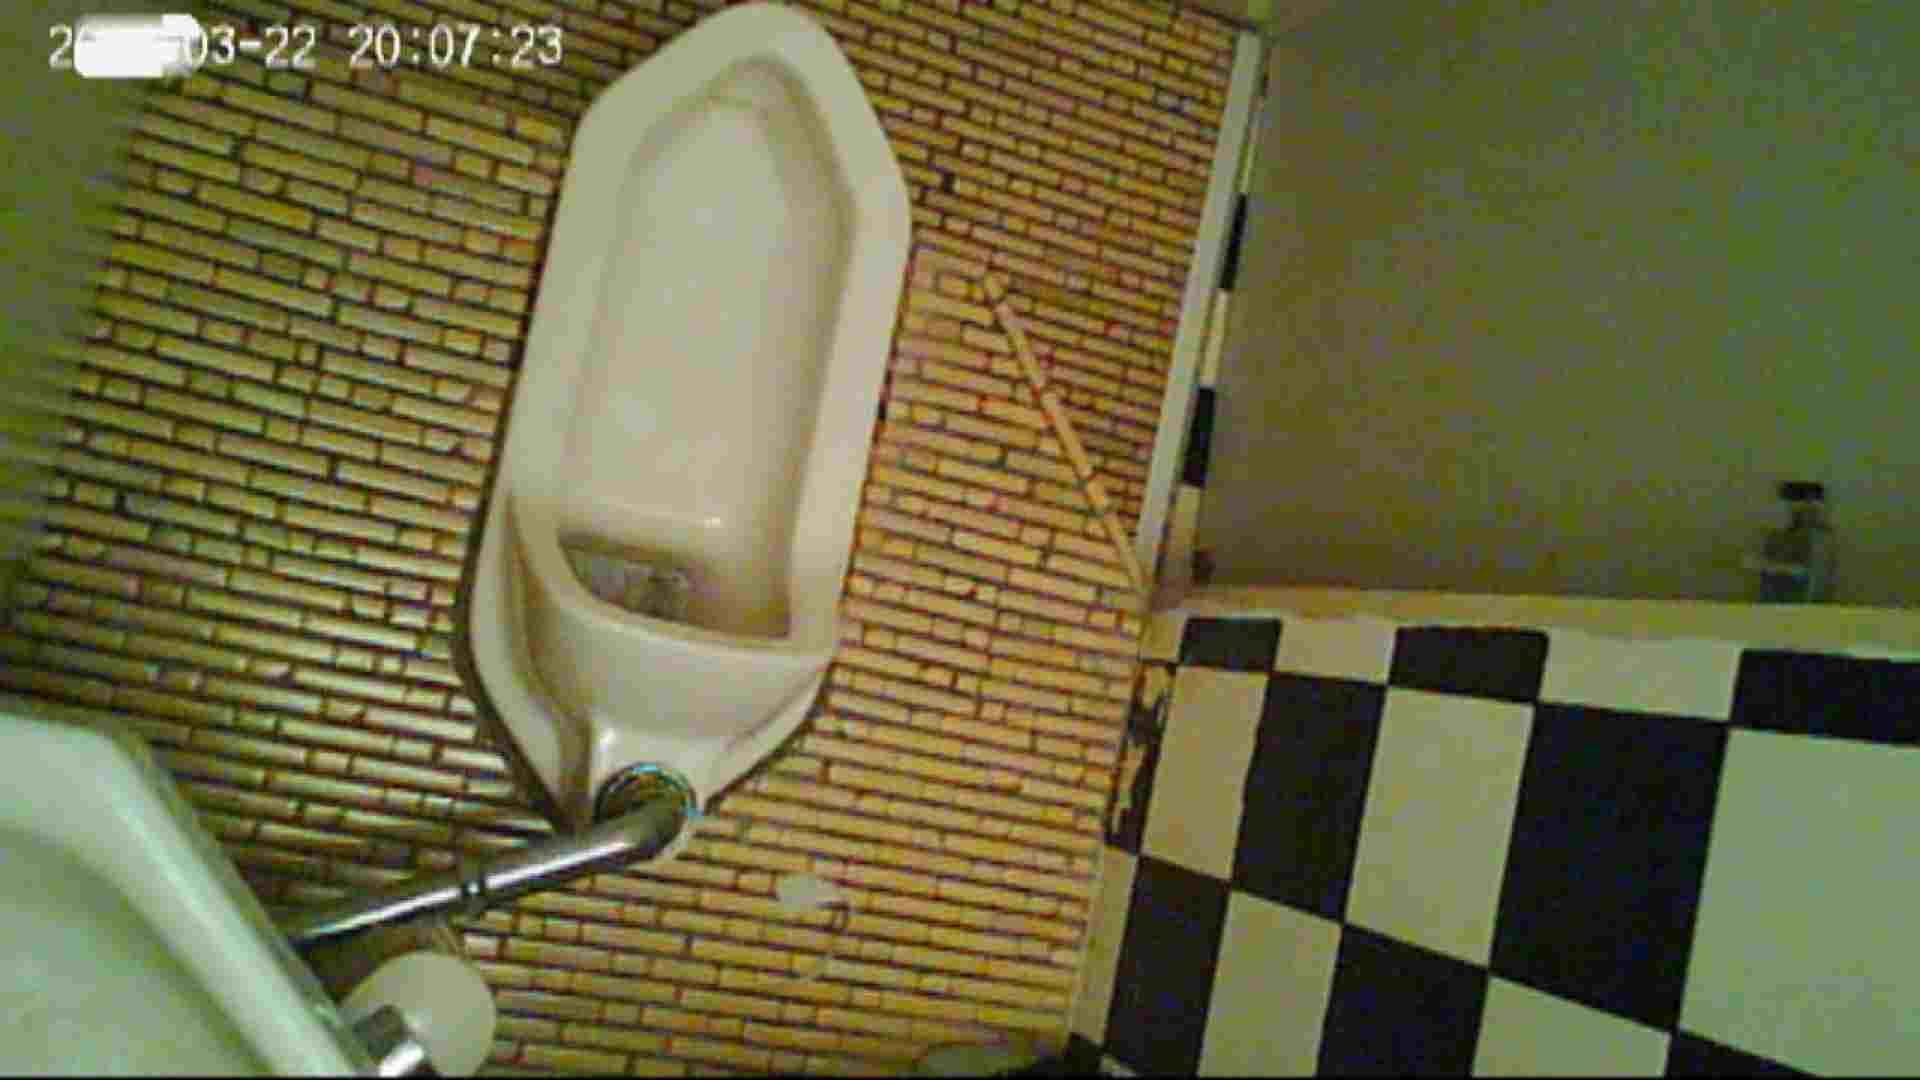 和式トイレの喫茶店店主マロンさんのコレクションvol.2 盗撮 盗撮動画紹介 92枚 73